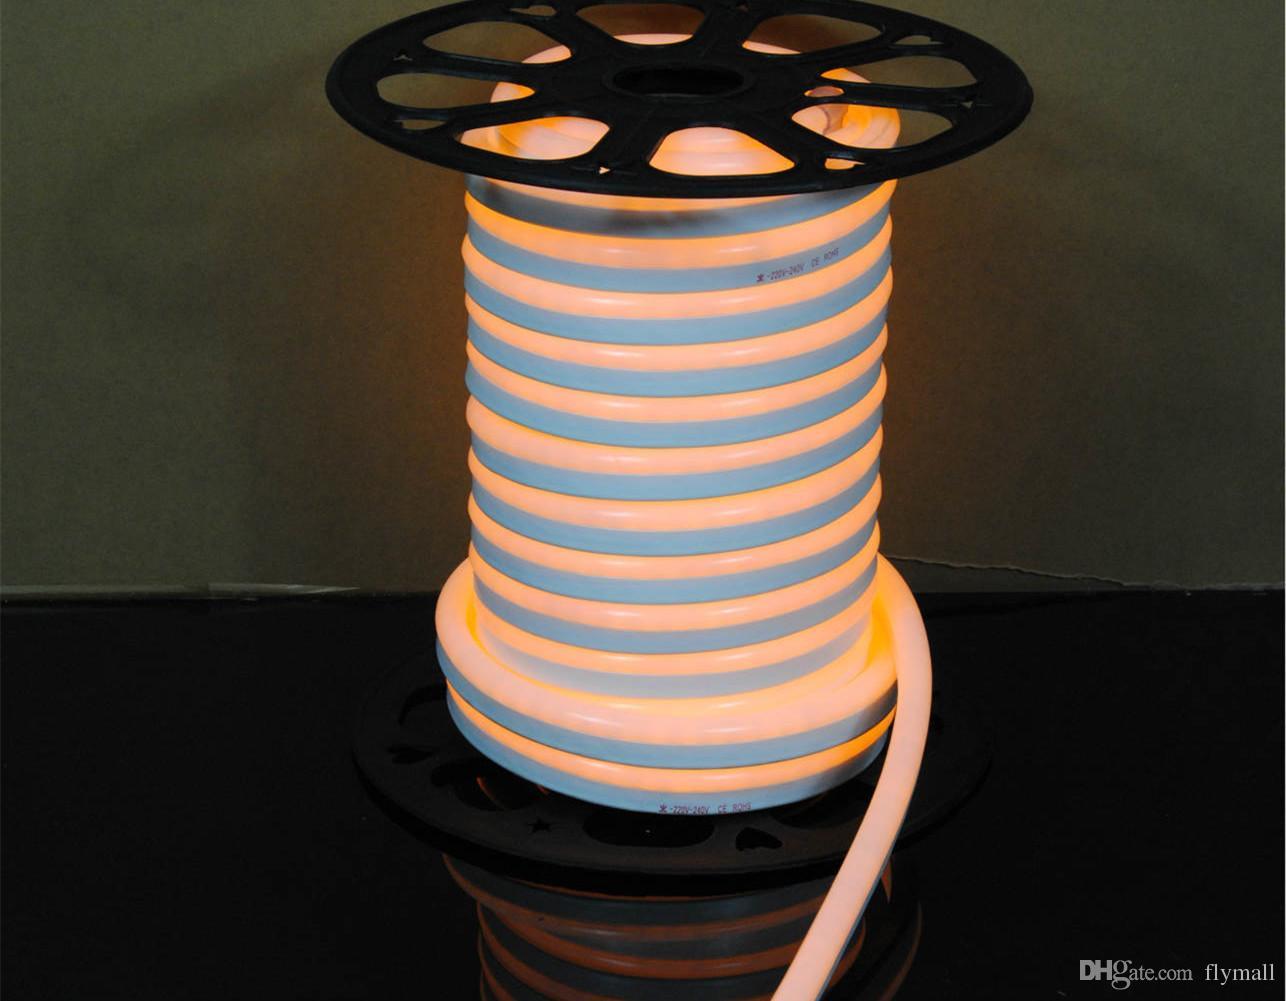 حبل 110V 220V LED فليكس النيون ضوء ماء 80LED / M بقيادة النيون أنبوب الخفيفة قطاع مرنة داخلي الإضاءة في الهواء الطلق عيد الميلاد الديكور